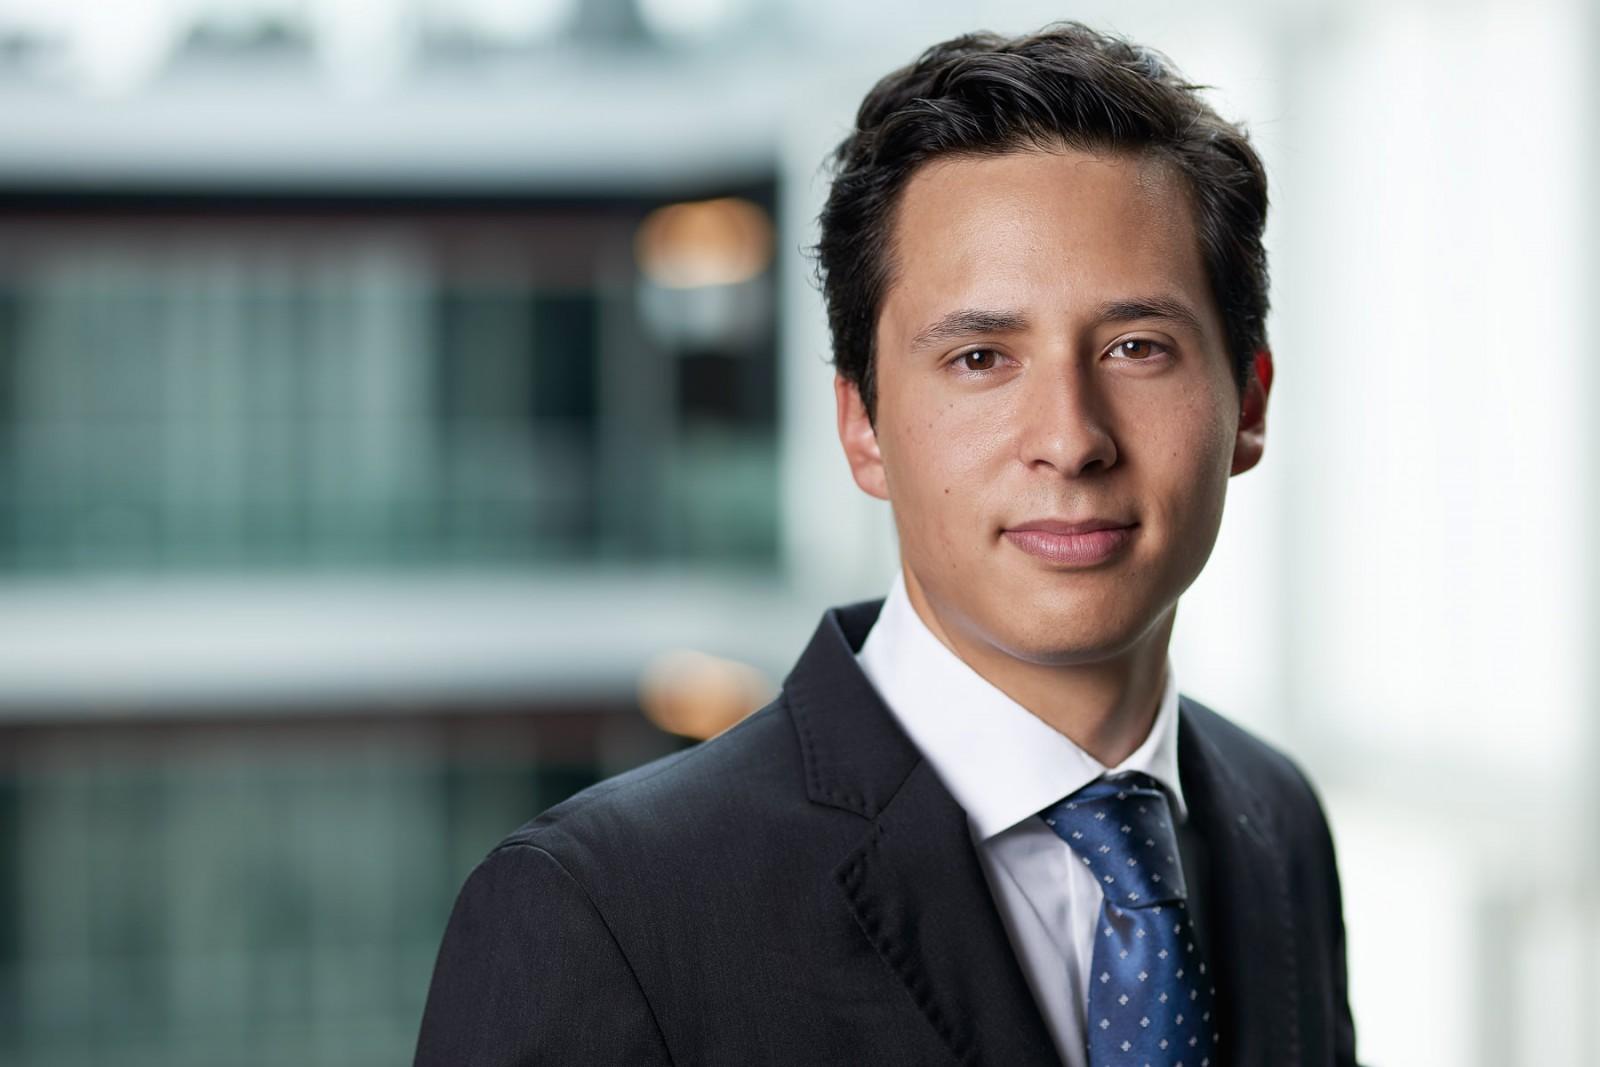 Portrait d'un homme dans une entreprise